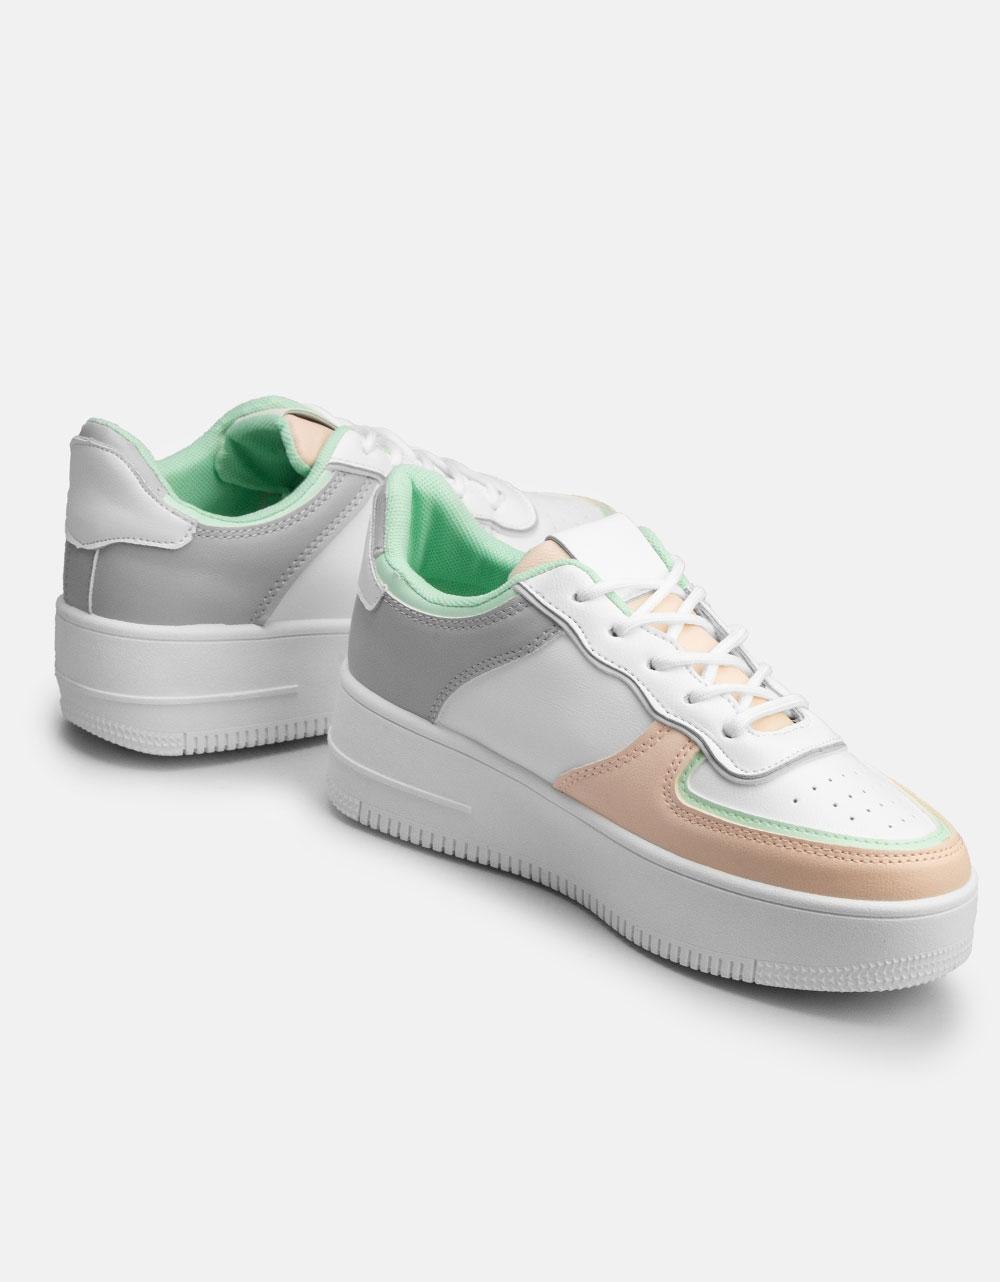 Εικόνα από Γυναικεία sneakers με διπλή σόλα Γκρι